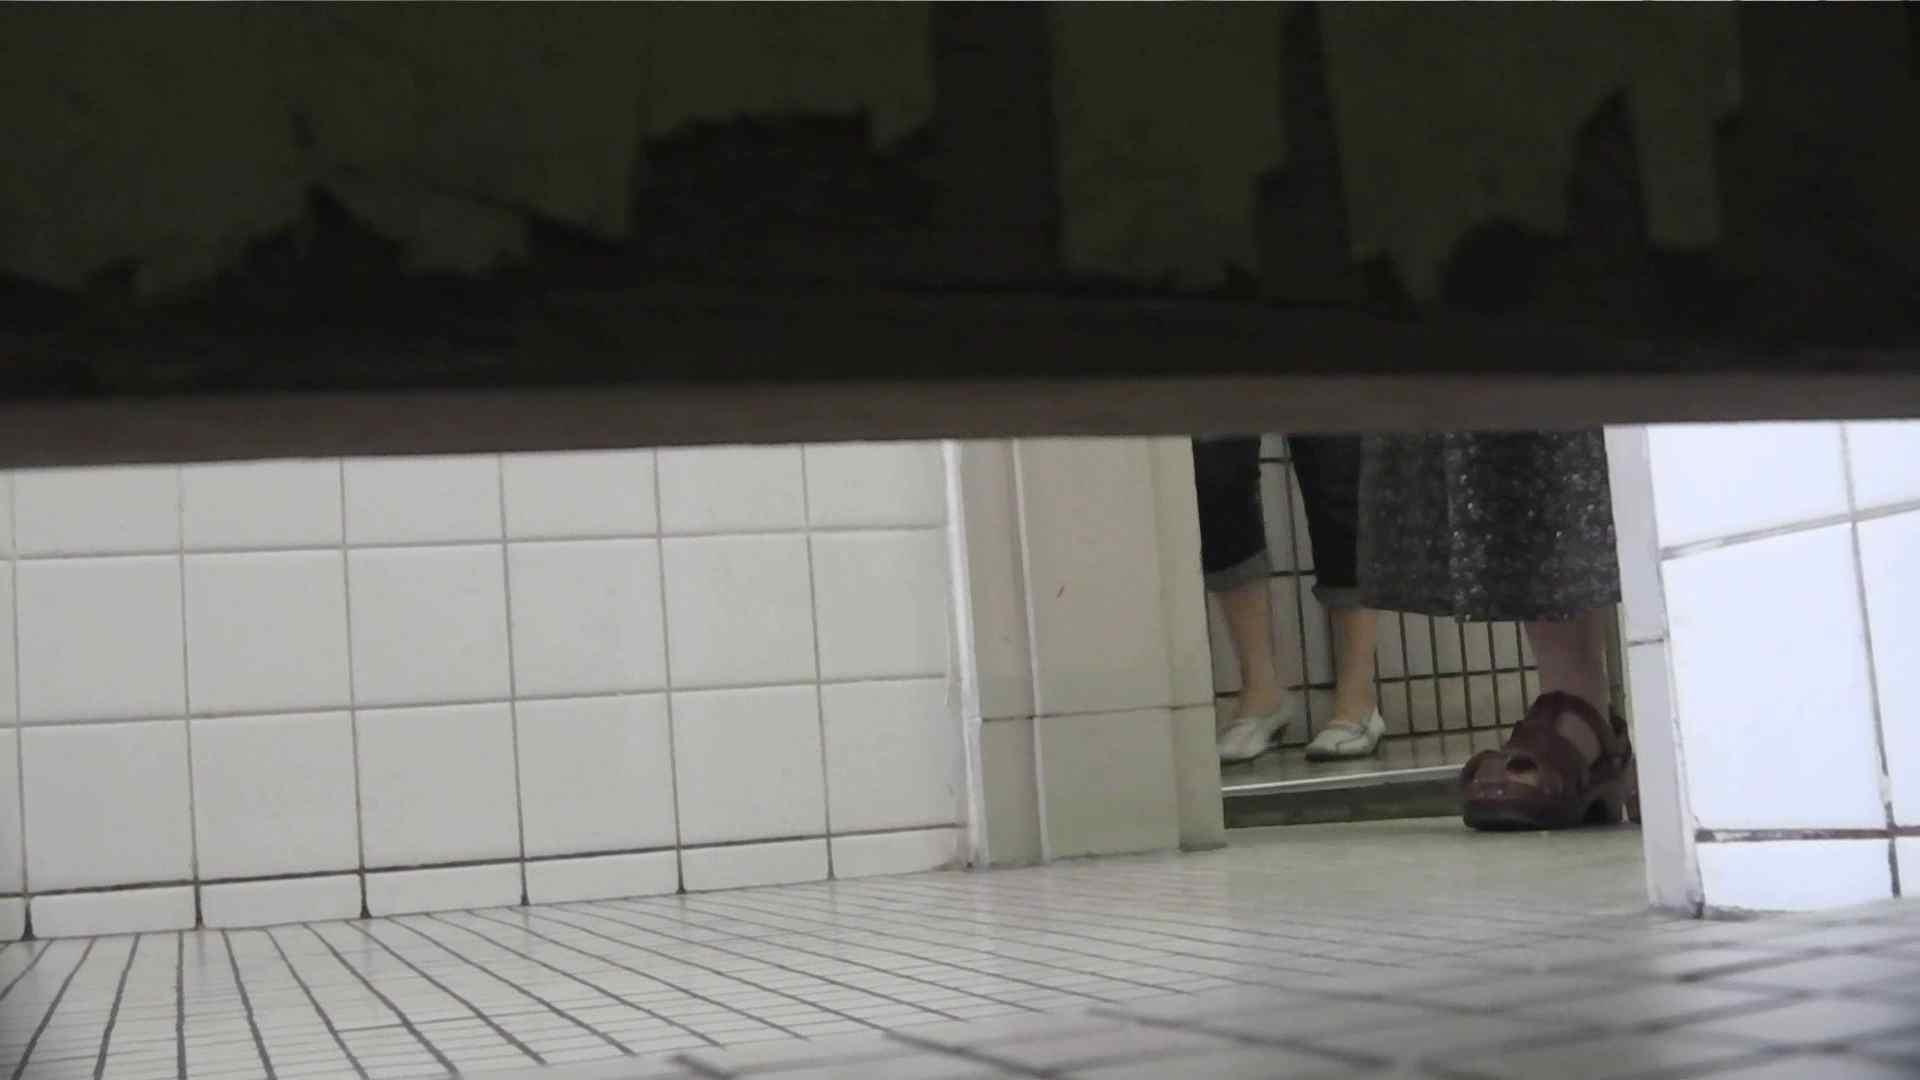 【美しき個室な世界】 vol.018 ピンクのおネエタン 洗面所  82pic 79